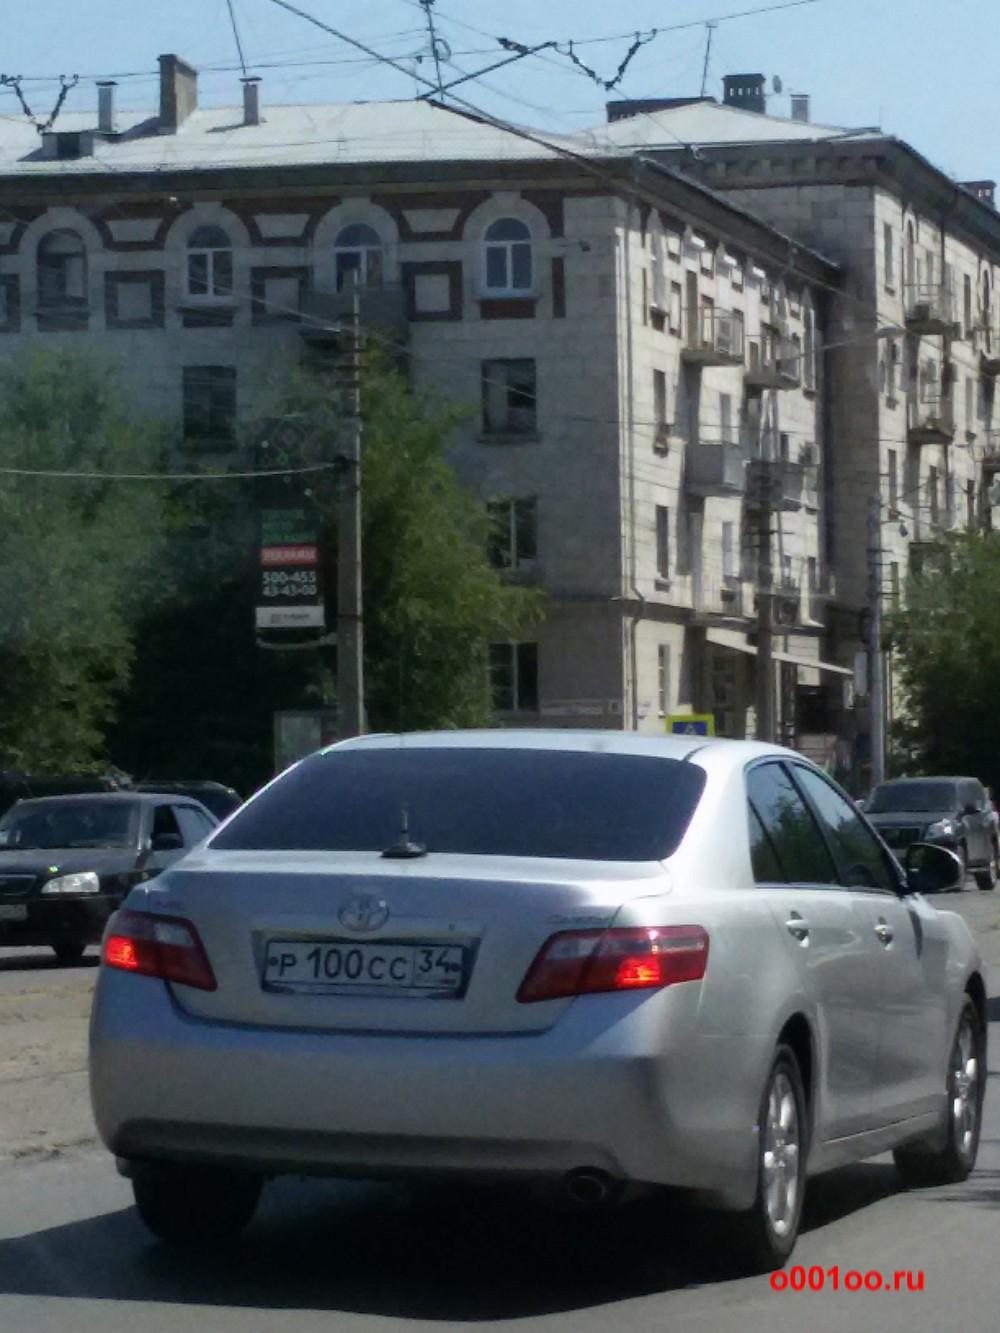 р100сс34